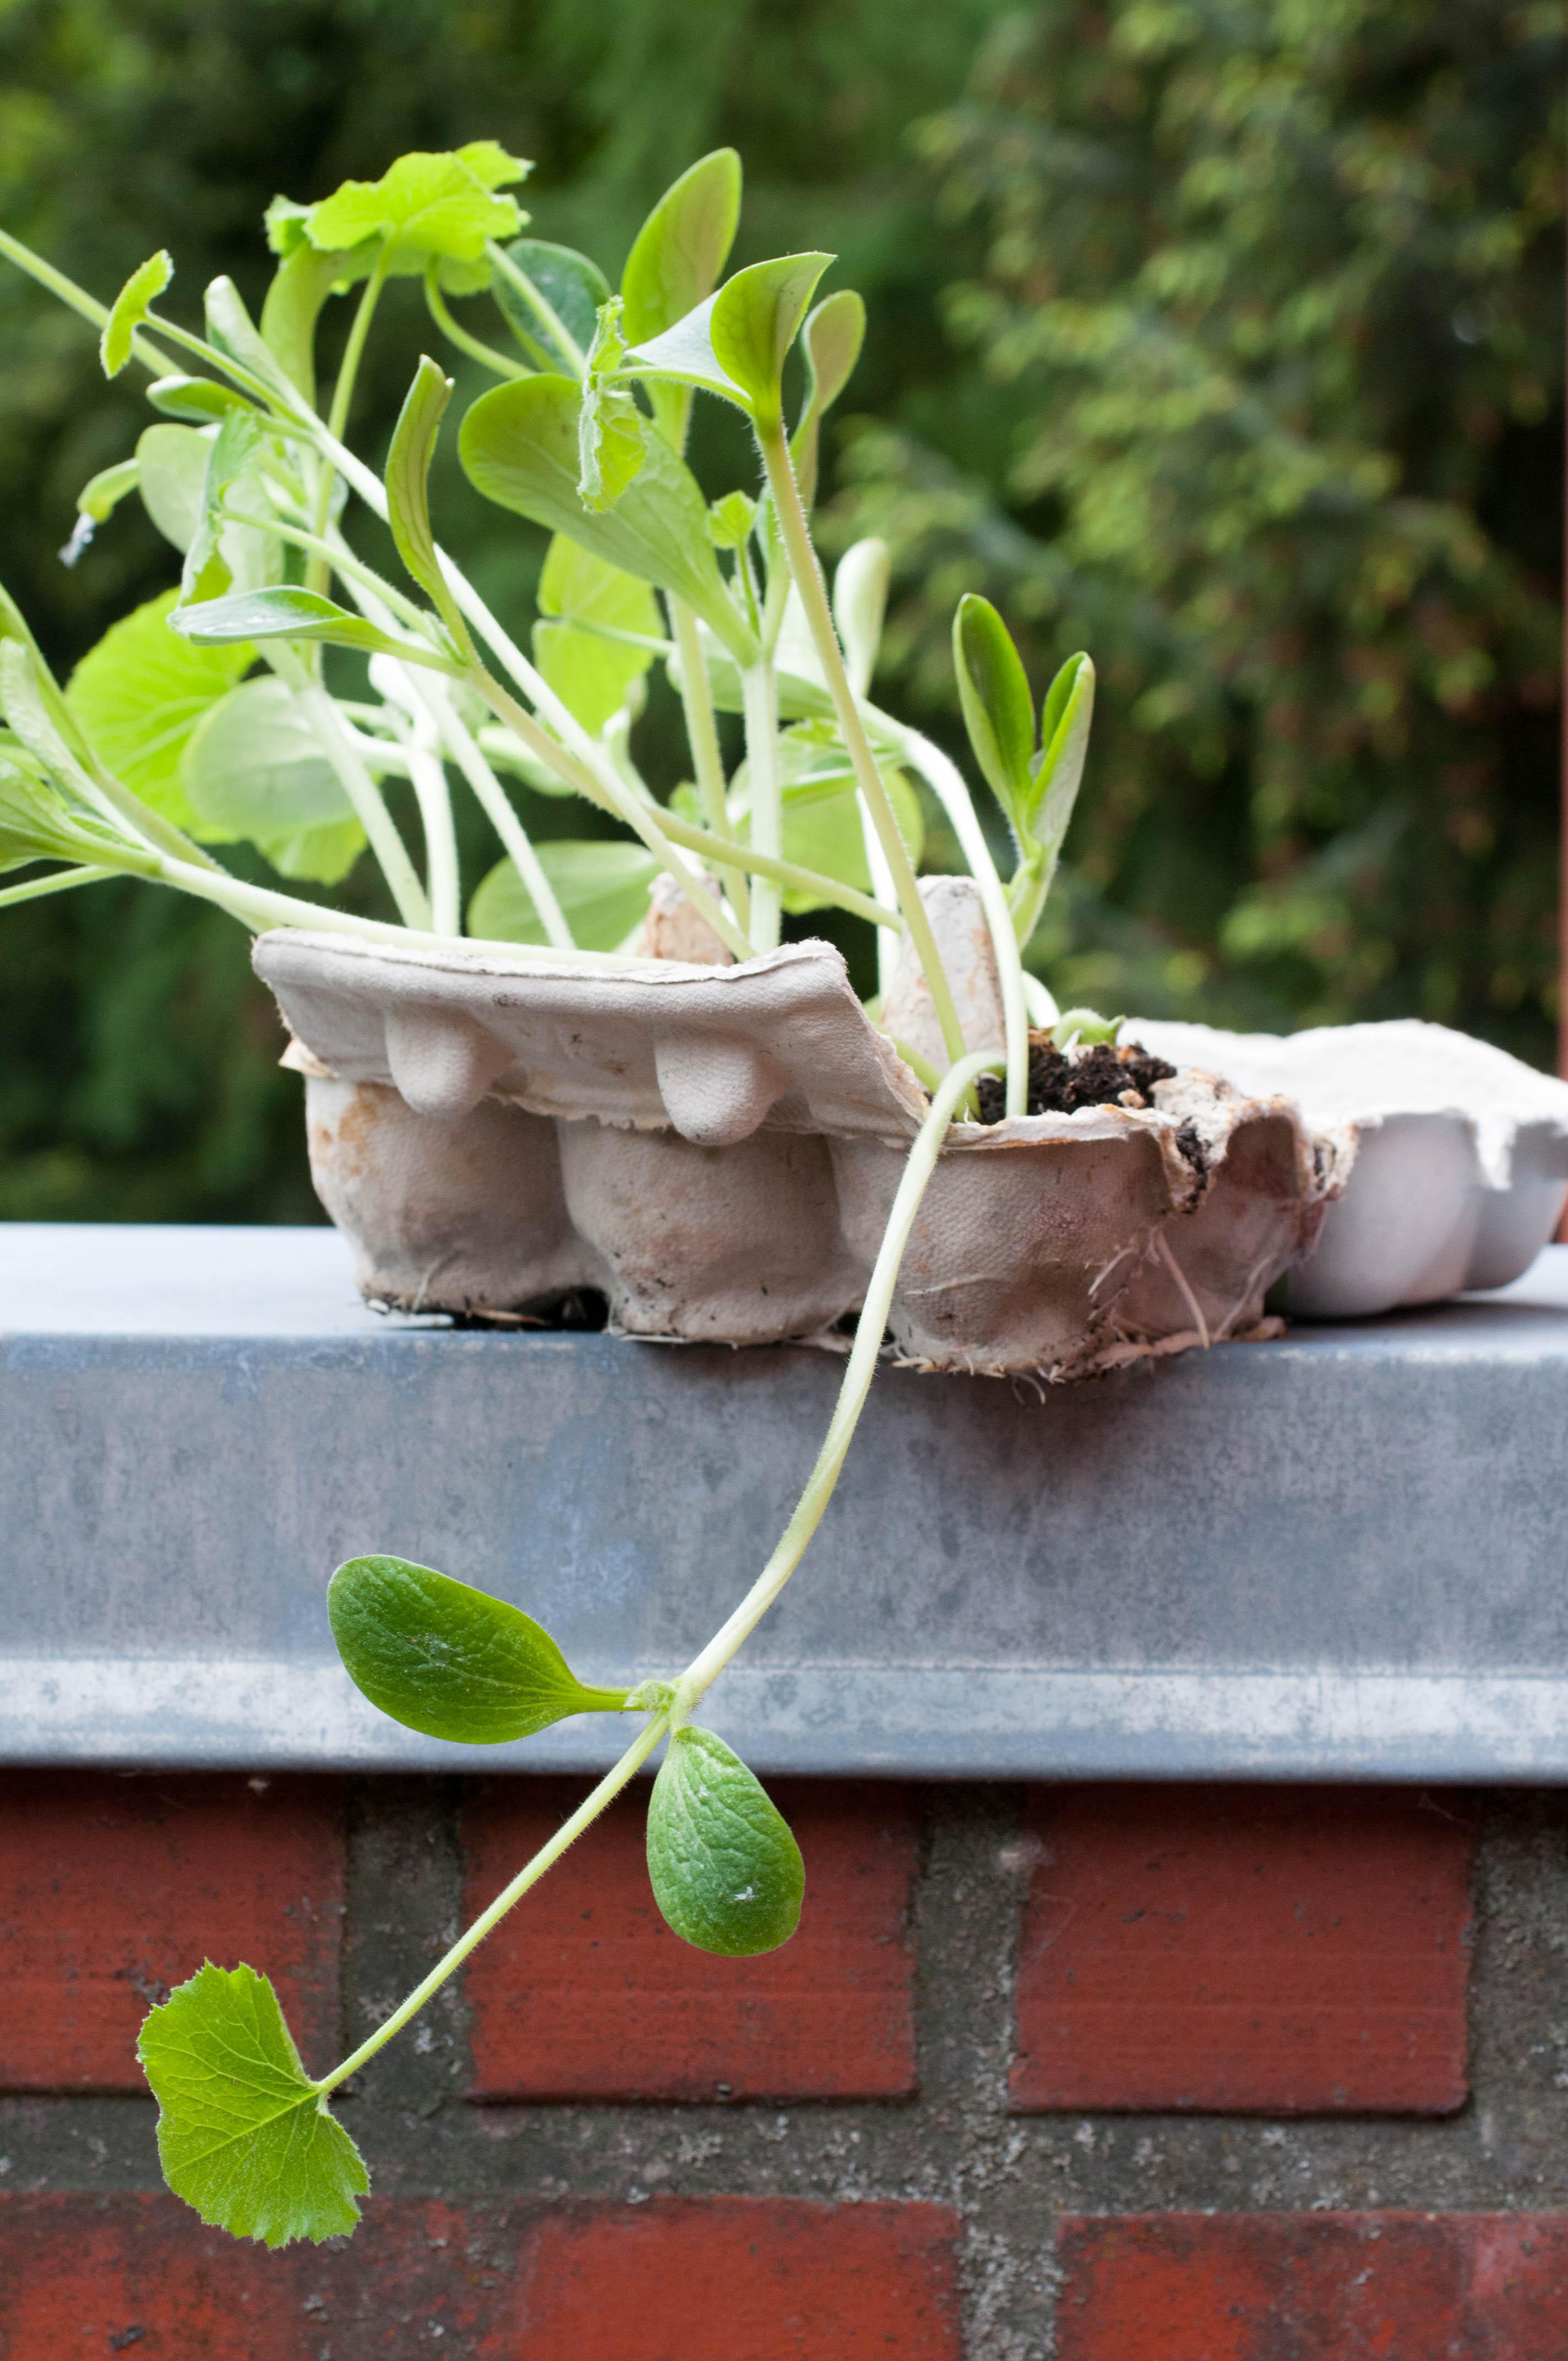 Zucchinipflanzen im Eierkarton